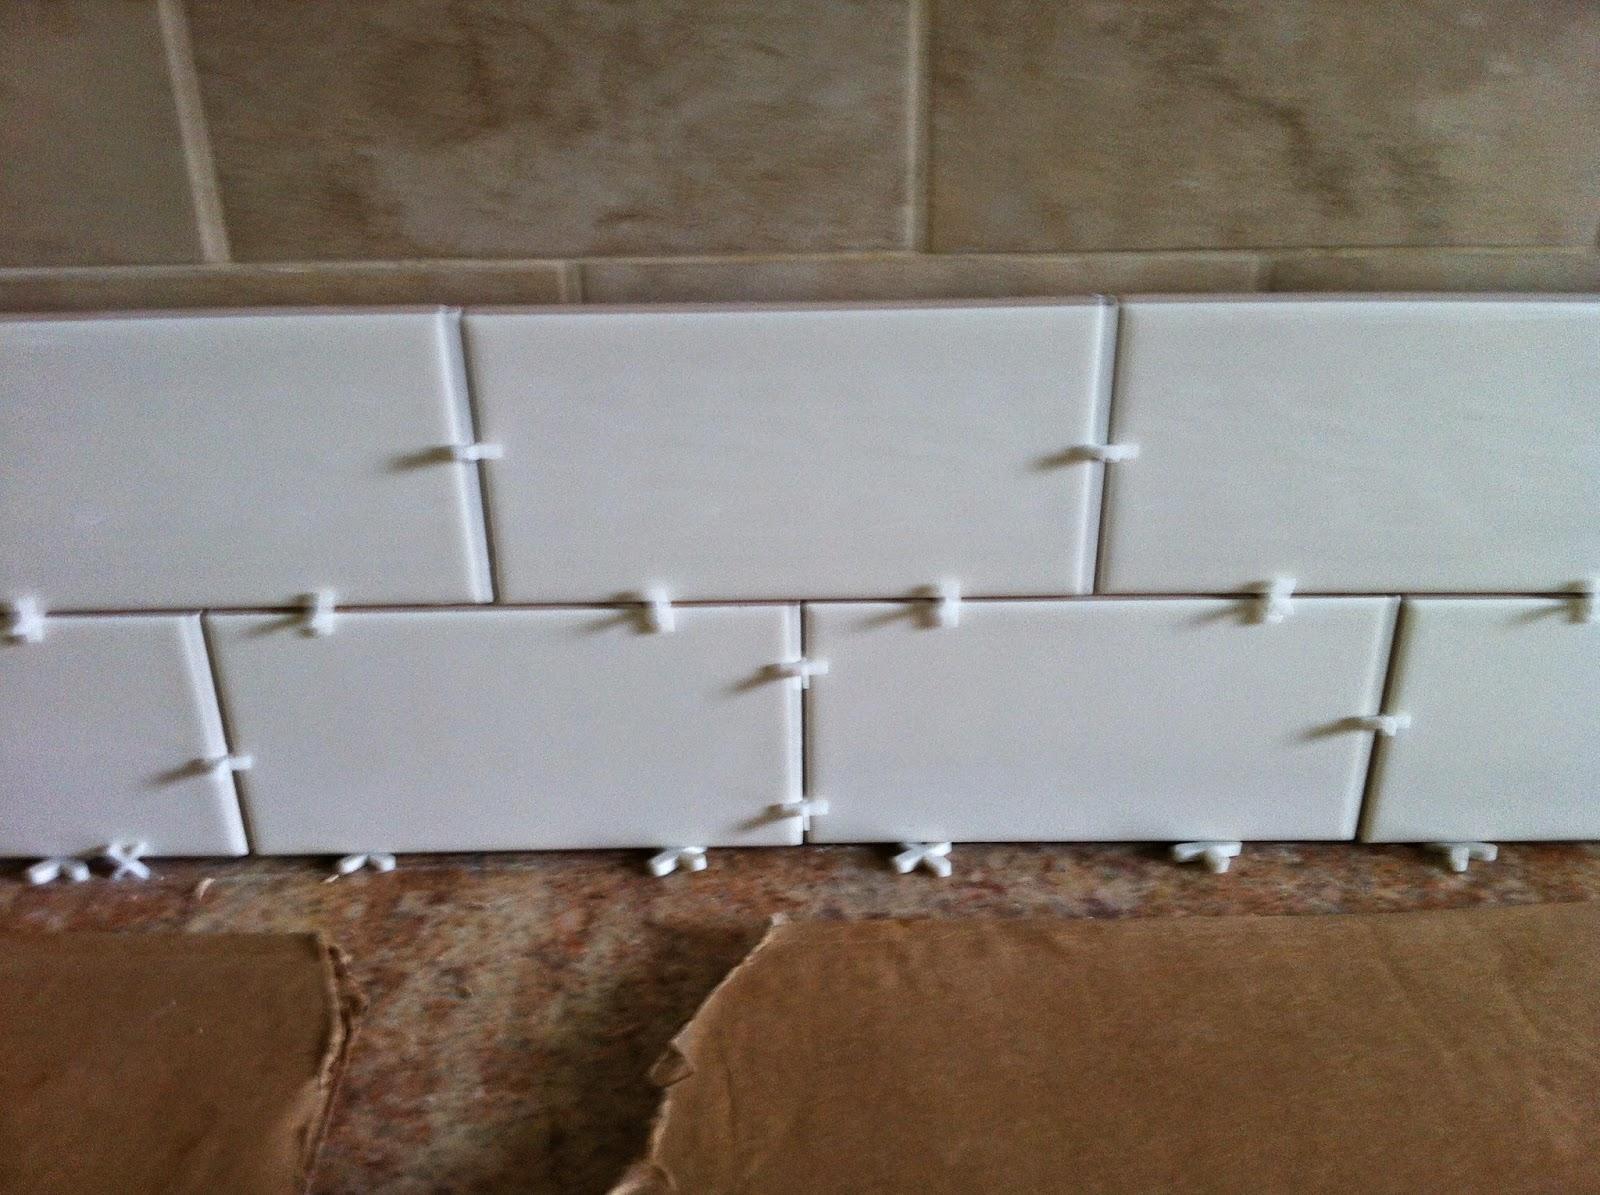 tiling over tile subway tile backsplash